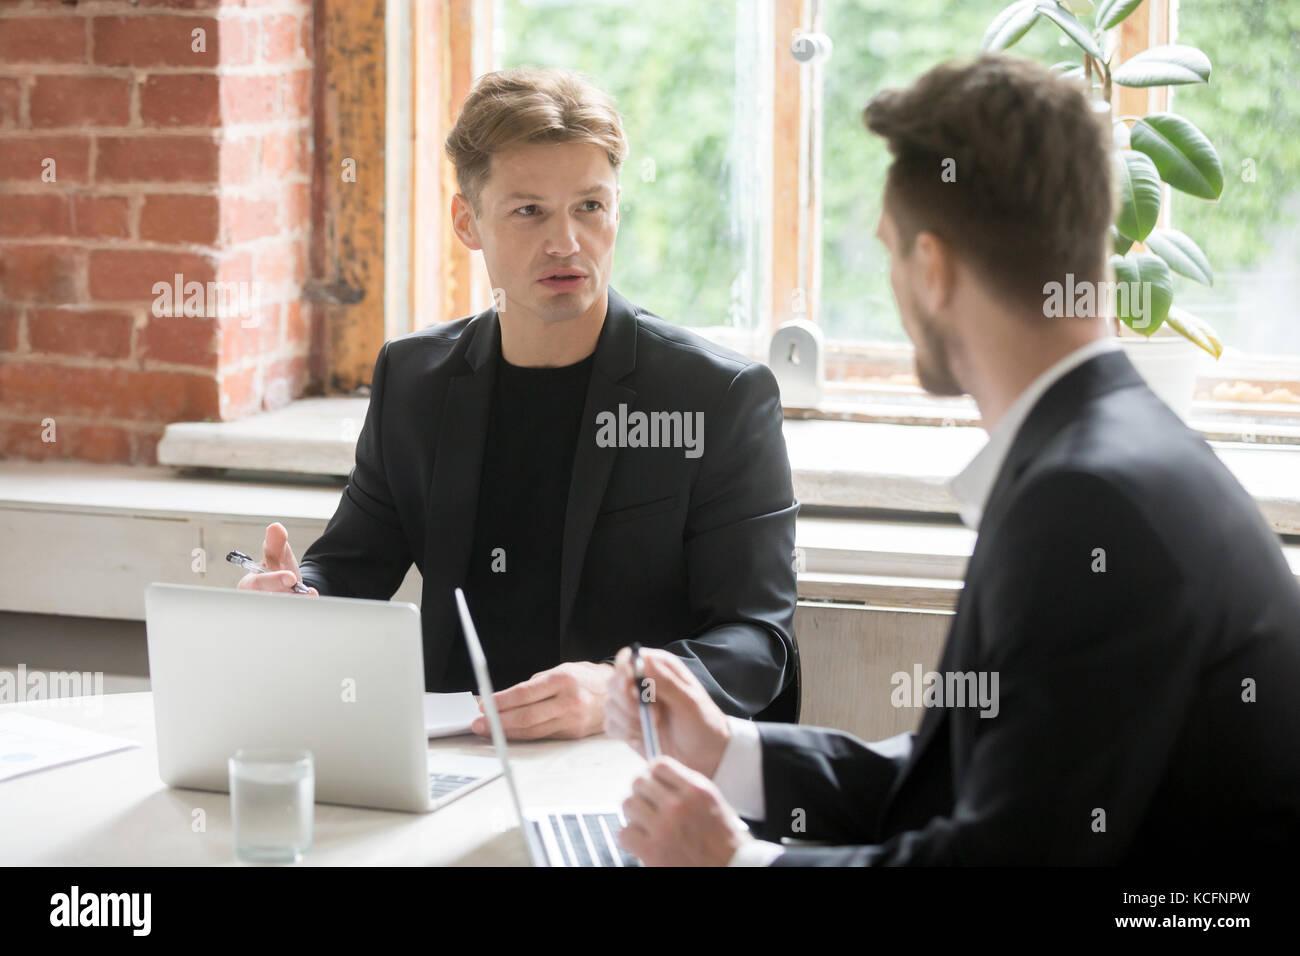 Deux jeunes employés de discuter les objectifs de l'exécutif devant les ordinateurs portables à vert au travail. Banque D'Images